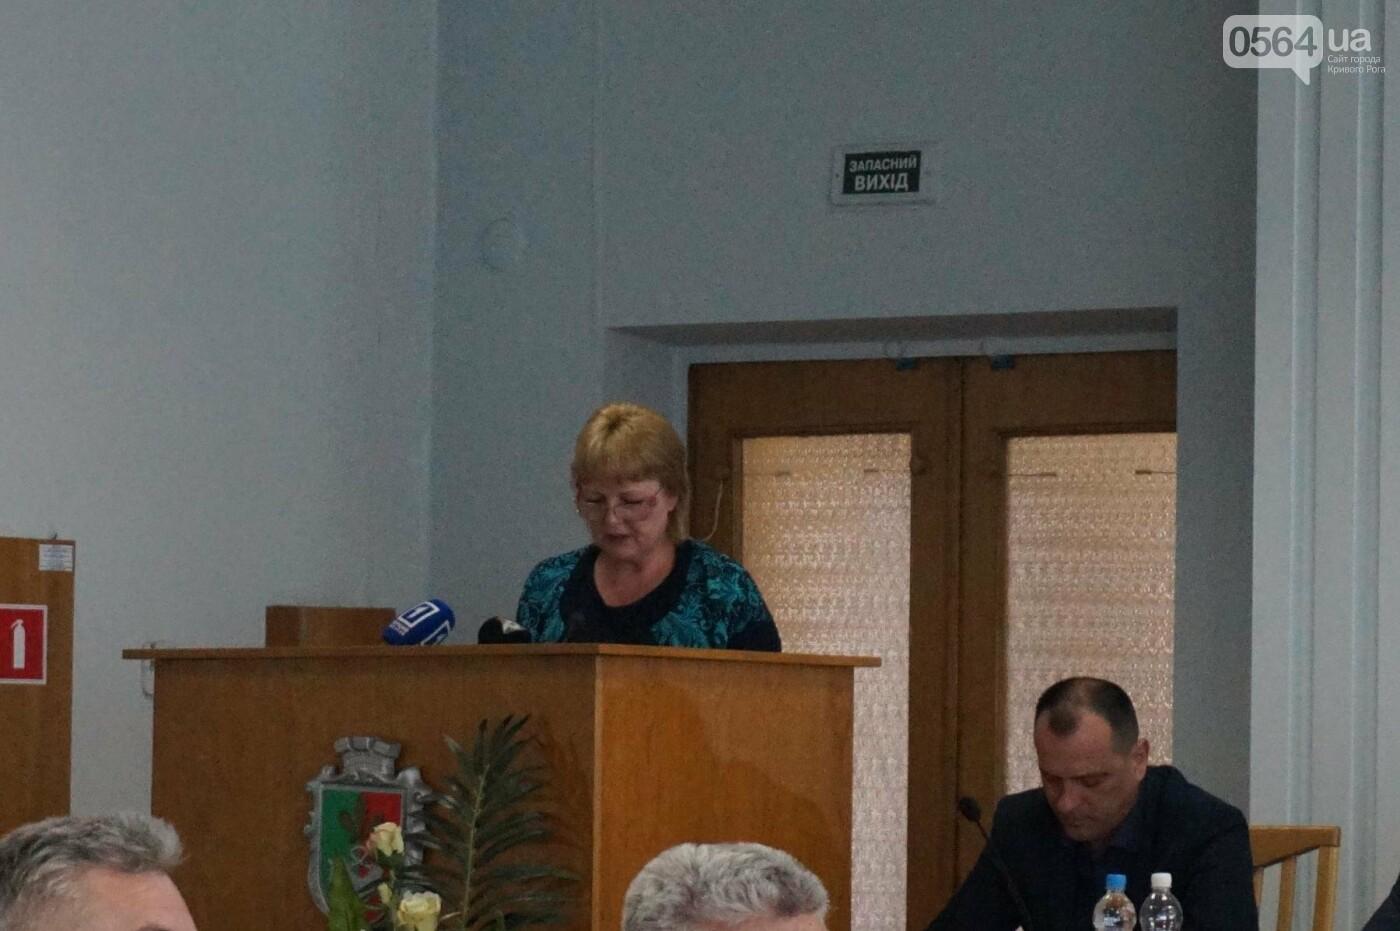 В апреле из бюджета города выделили более 18 миллионов на материальную помощь криворожанам (ФОТО), фото-3